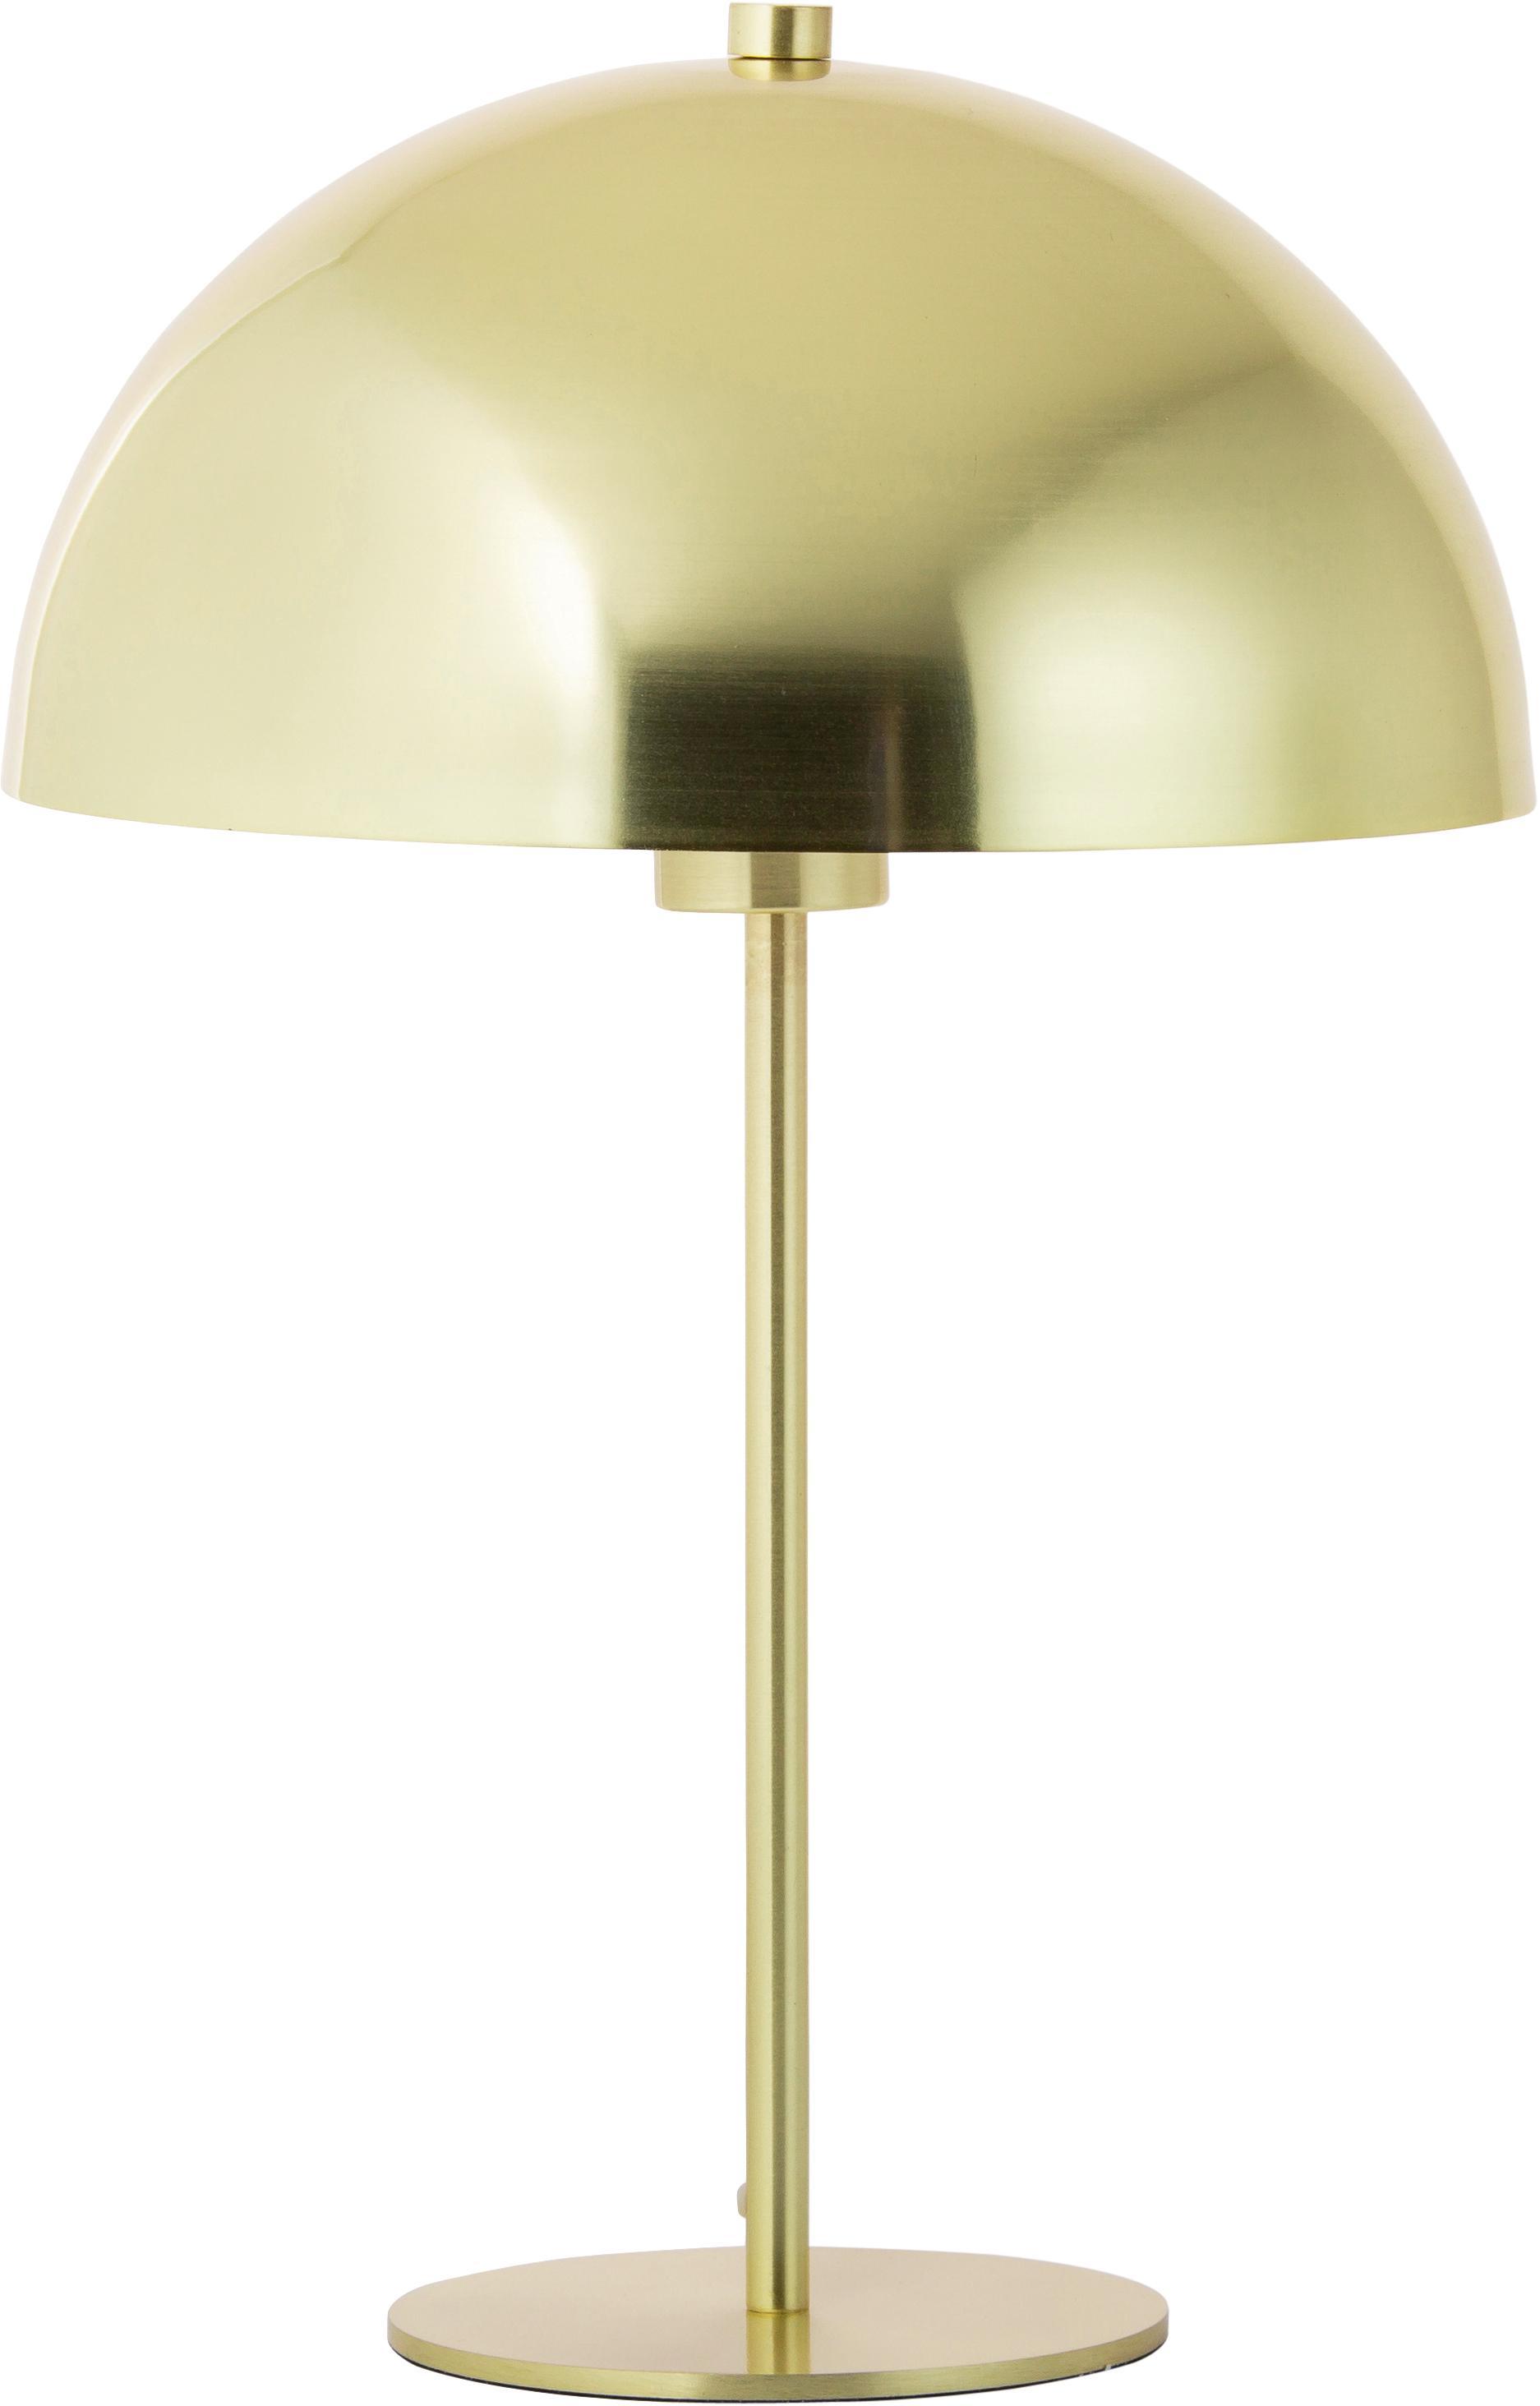 Tischlampe Matilda aus Metall, Lampenschirm: Metall, vermessingt, Messing, Ø 29 x H 45 cm